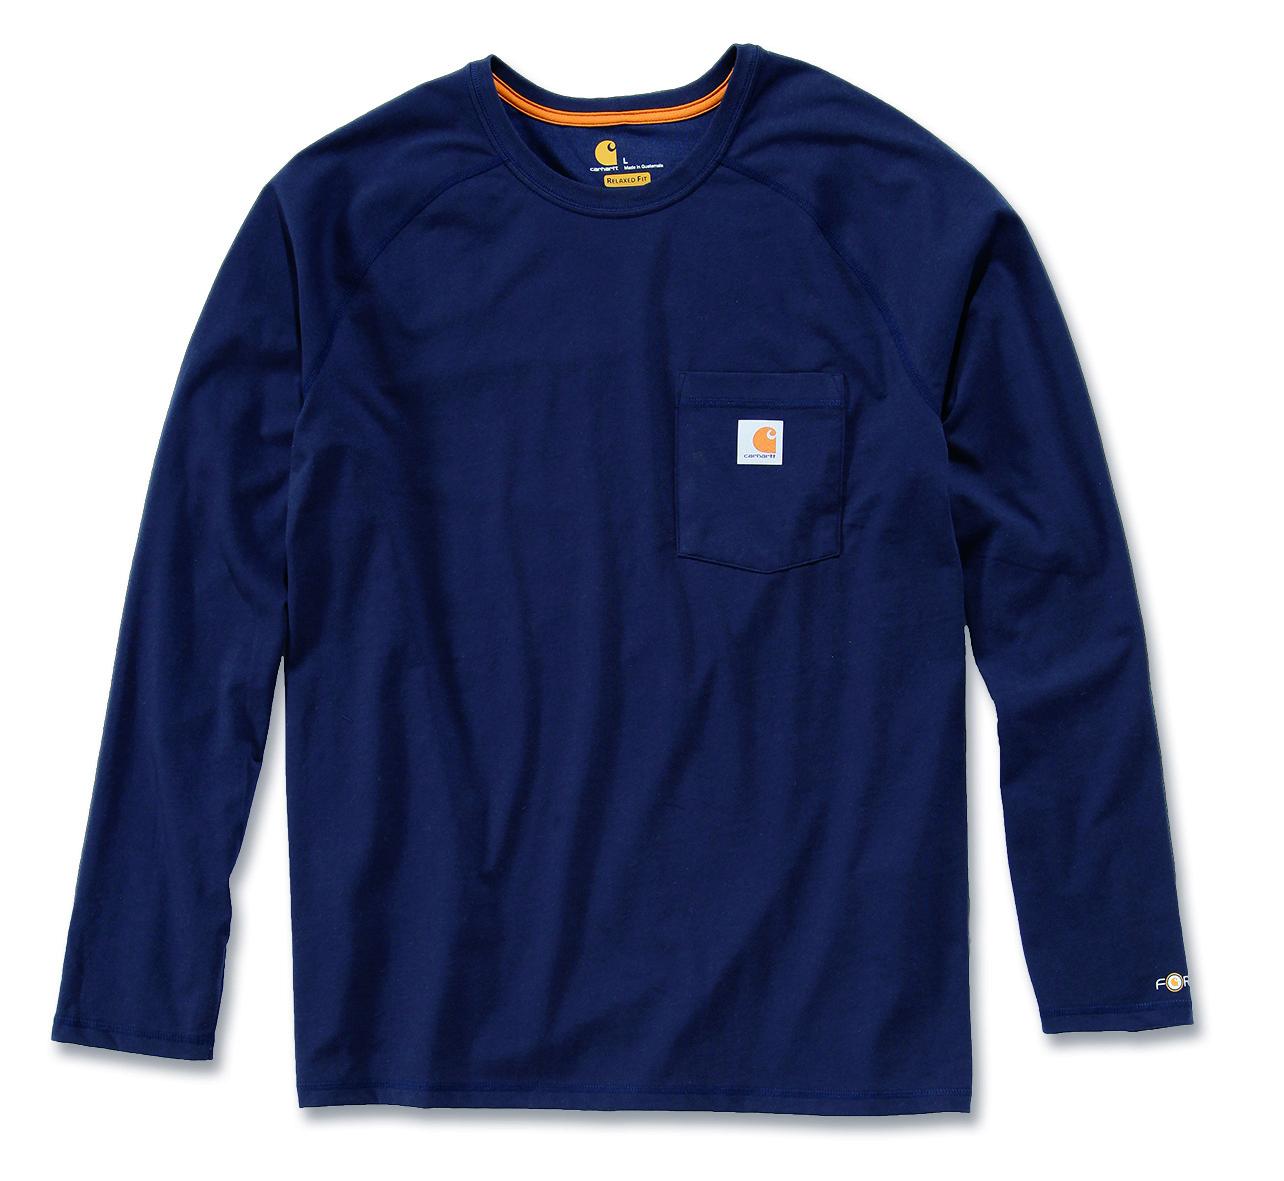 Carhartt 39 100393 Force Moisture Wicking Cotton Long Sleeve